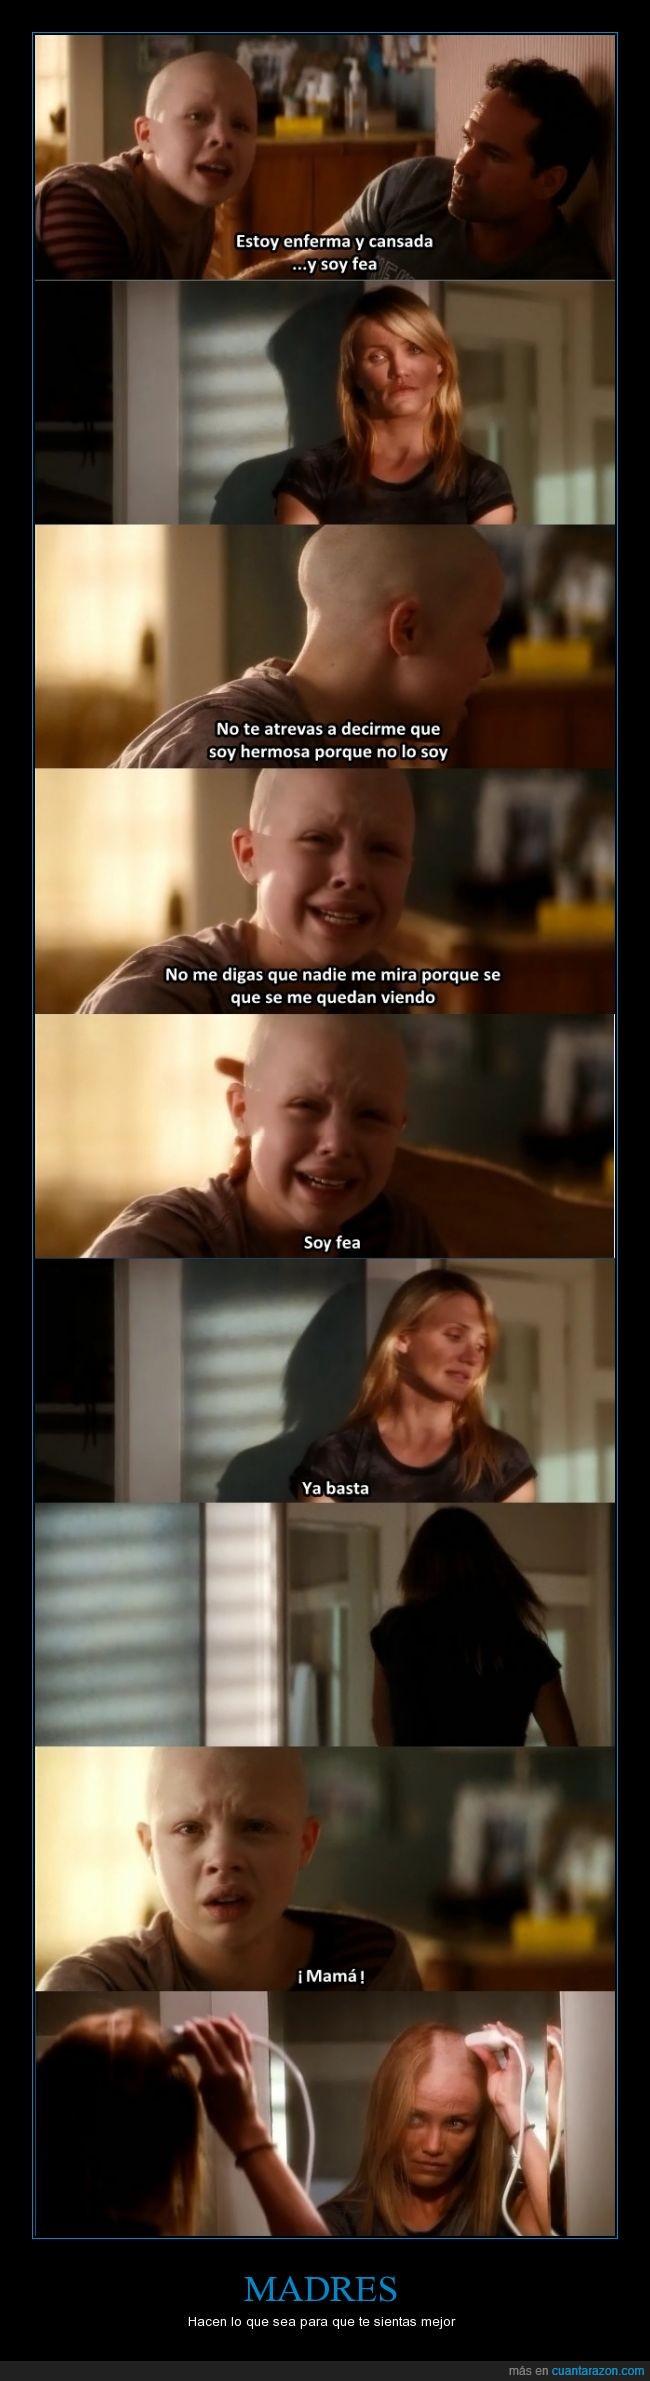 Cameron Diaz,cáncer,fea,hija,La decisión de Anne,madres,niña,pelo,rapar